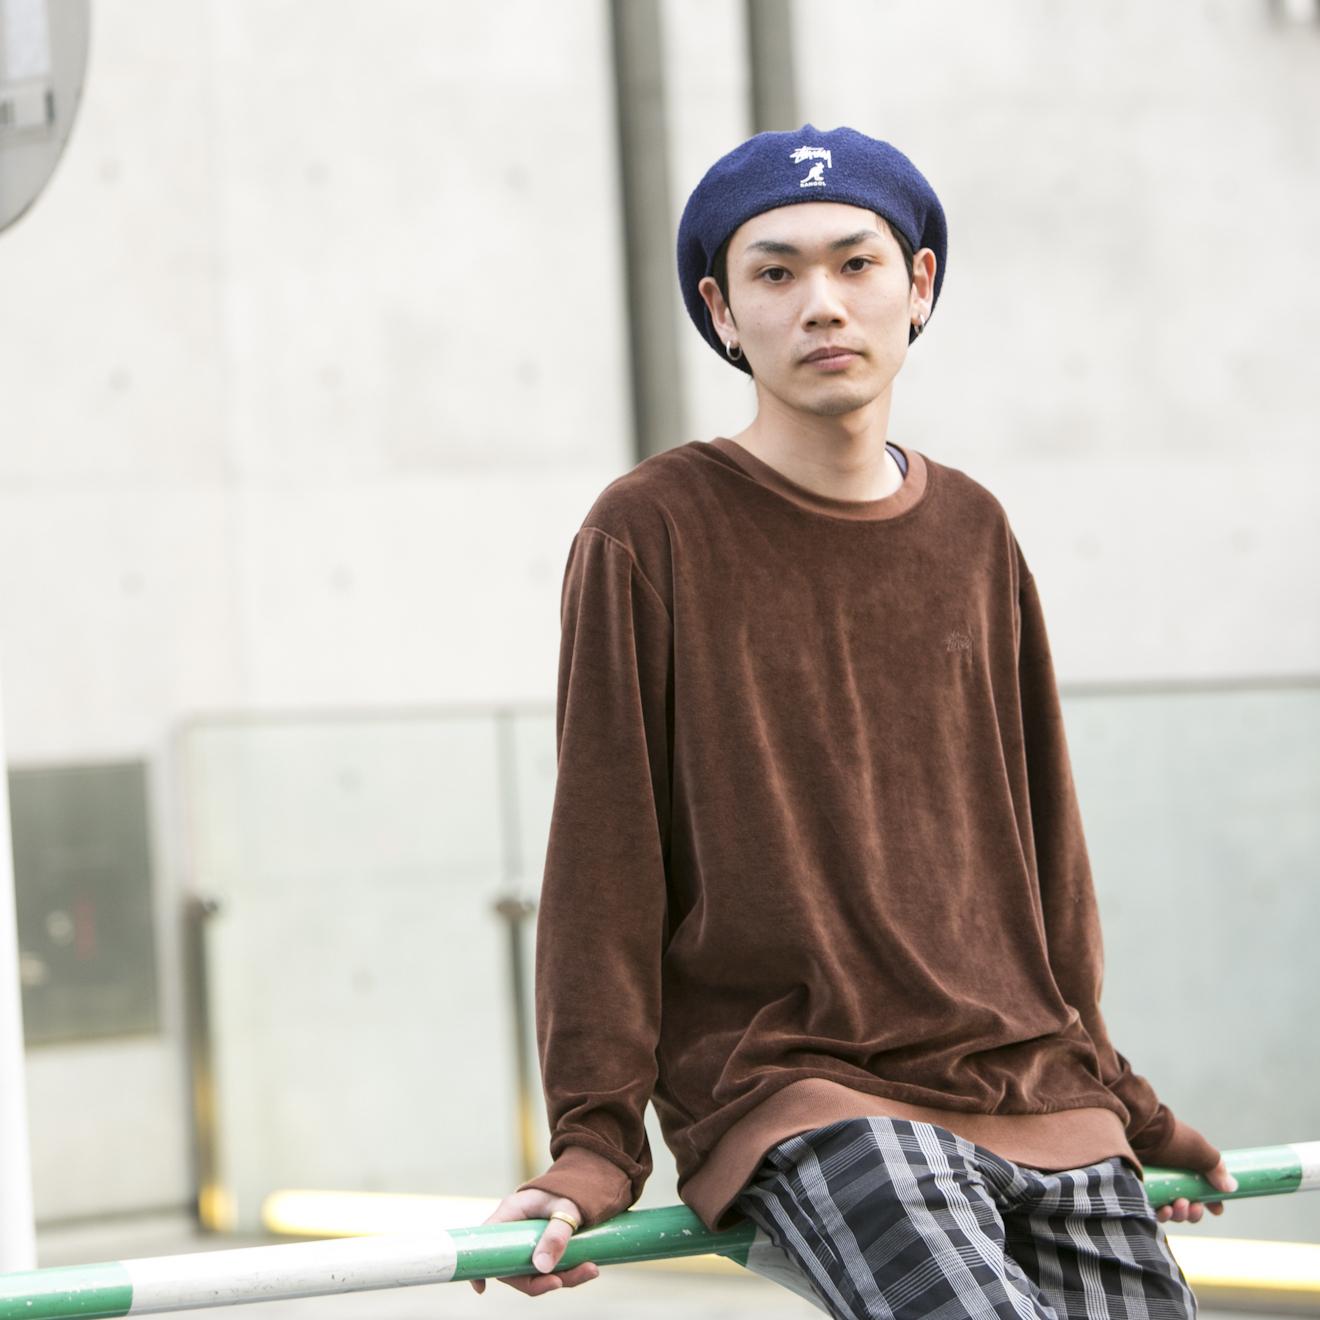 21歳・太郎「今日は洗濯して乾いた服をそのまま着て来ました」【18-22 SNAP #030】